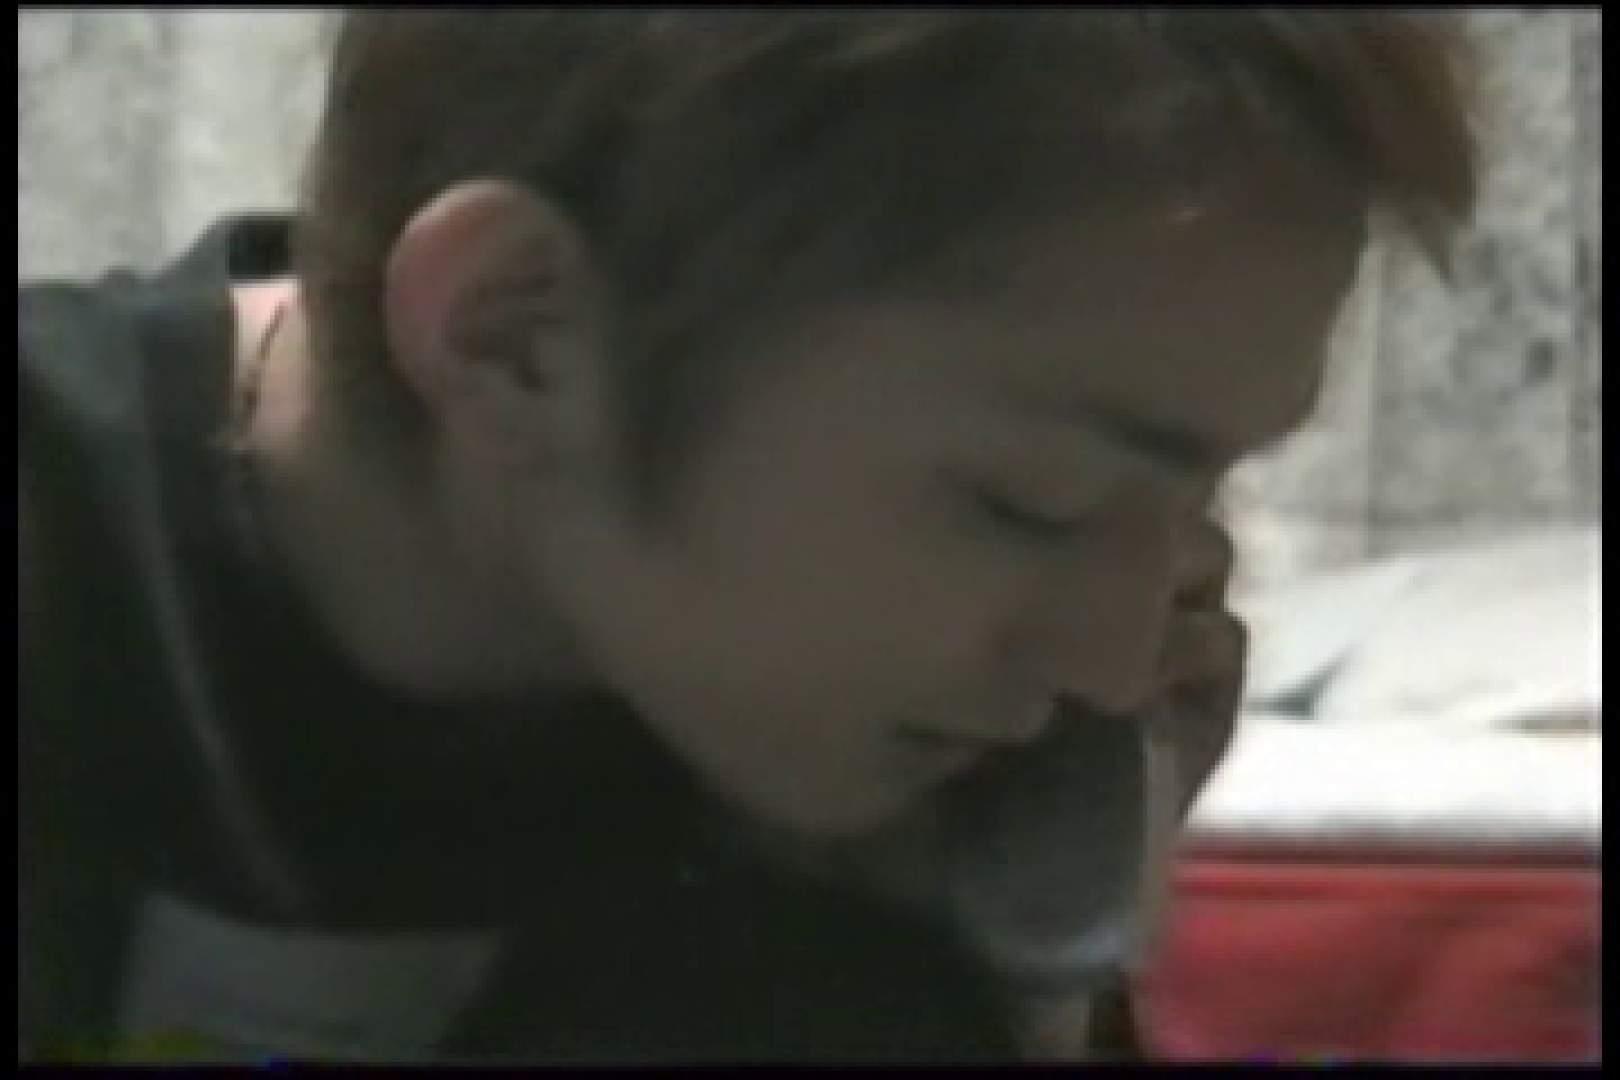 【流出】アイドルを目指したジャニ系イケメンの過去 射精 GAY無修正エロ動画 107枚 5